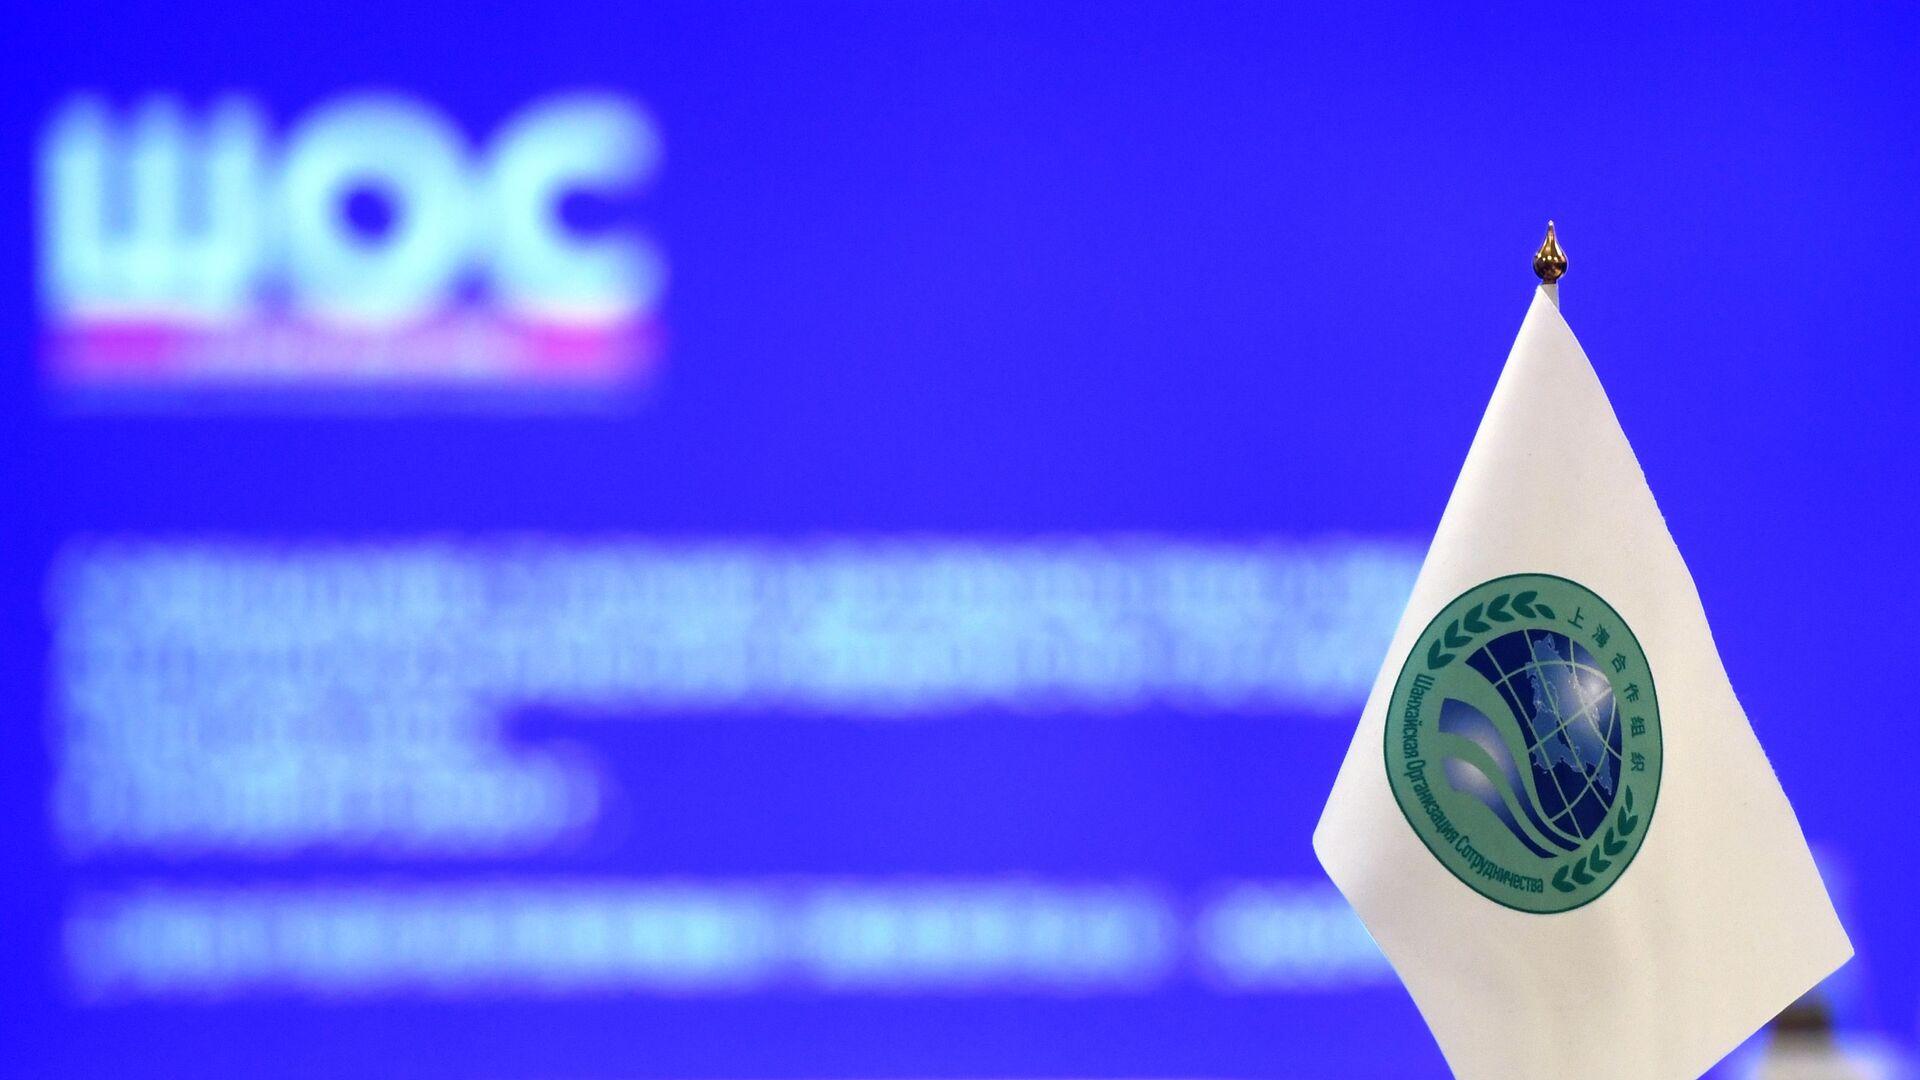 Флажок с логотипом Шанхайской организации сотрудничества (ШОС) - Sputnik Тоҷикистон, 1920, 09.09.2021